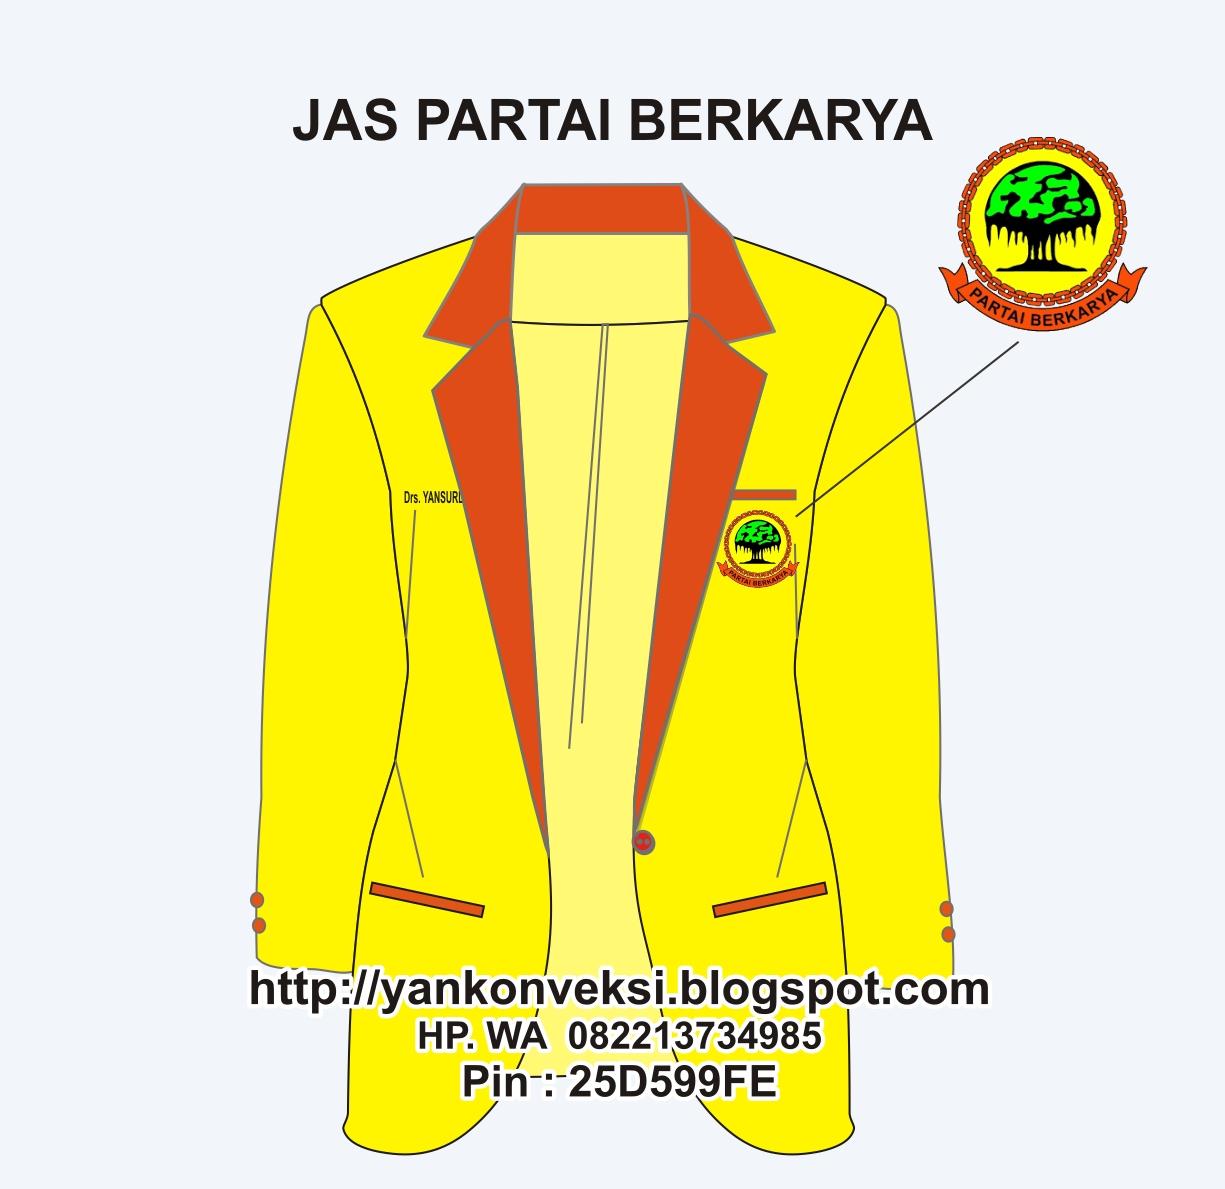 JAS PATAI